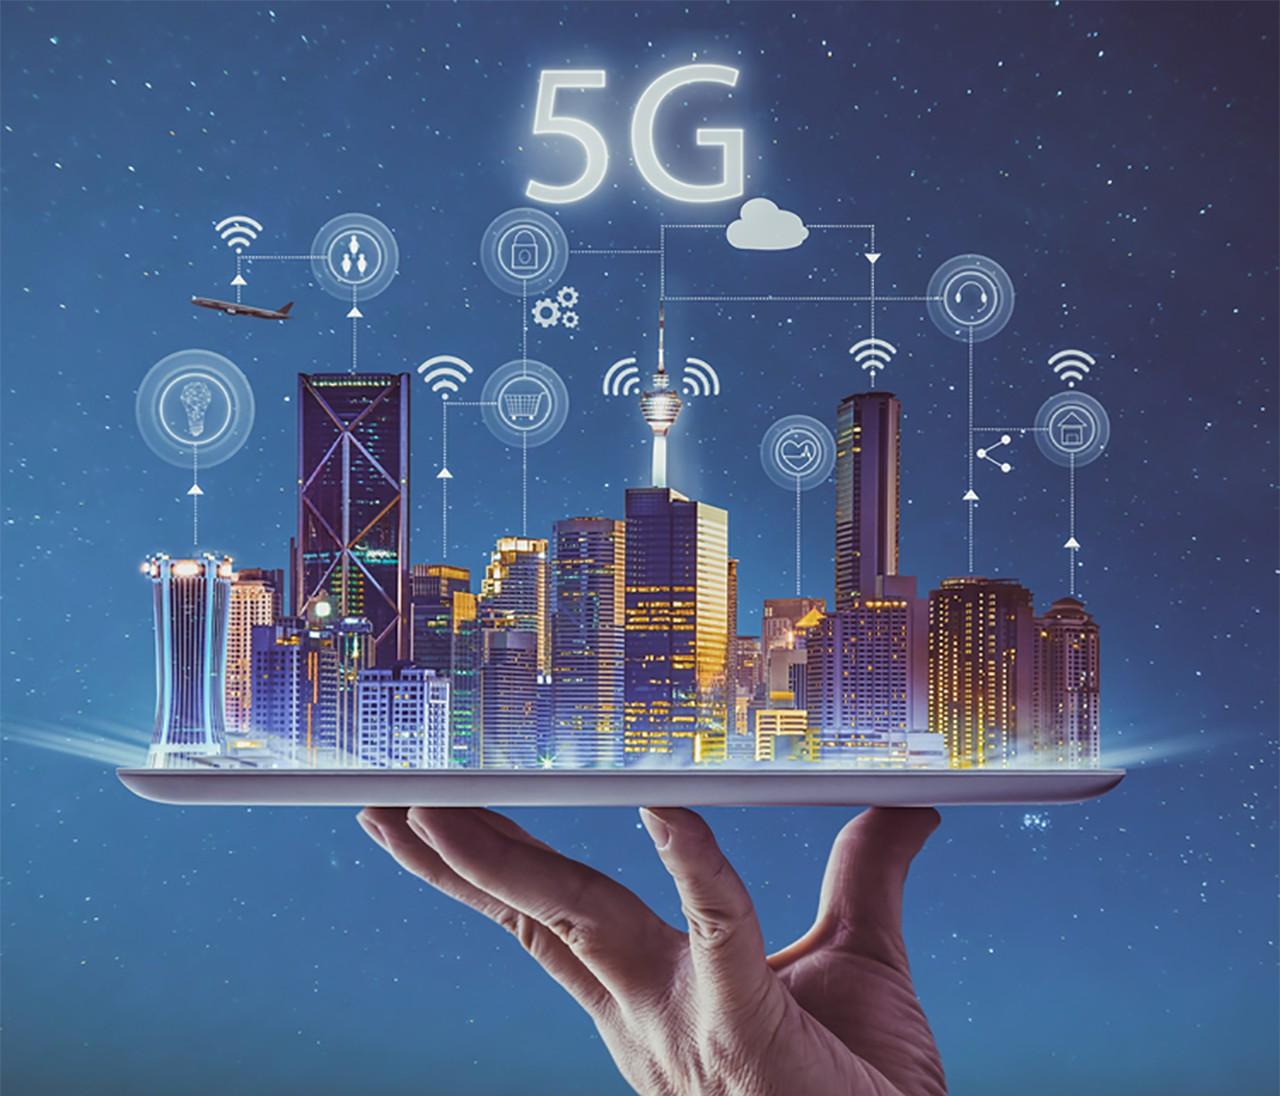 【大江麻理子さんのニュースゼミ】新通信技術「5G」は何の略?